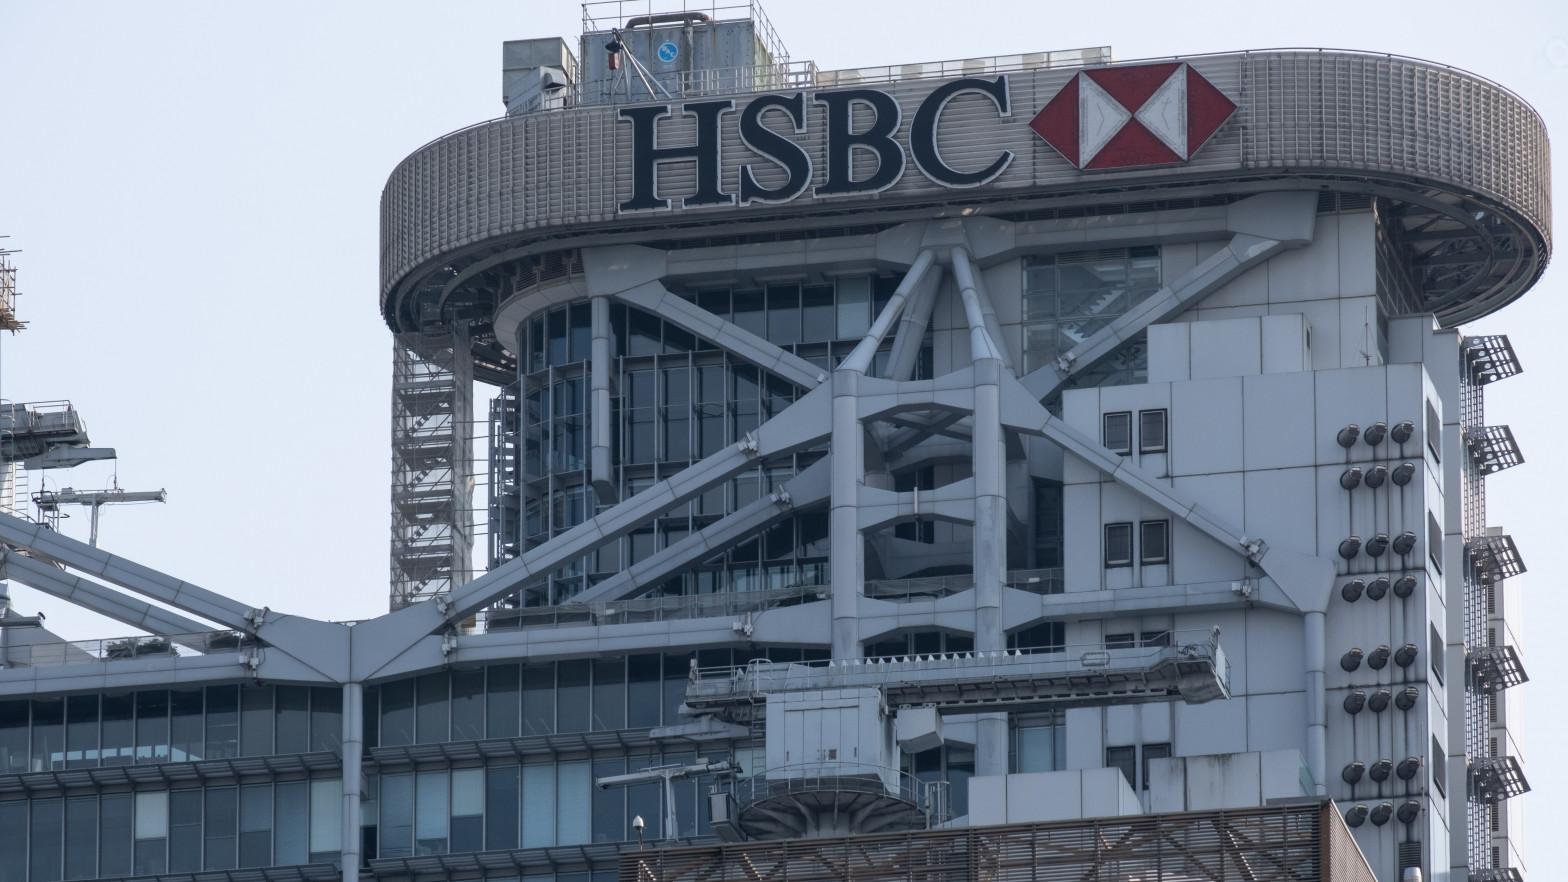 El mayor banco de Europa, HSBC, gana un 117 % más en el primer trimestre